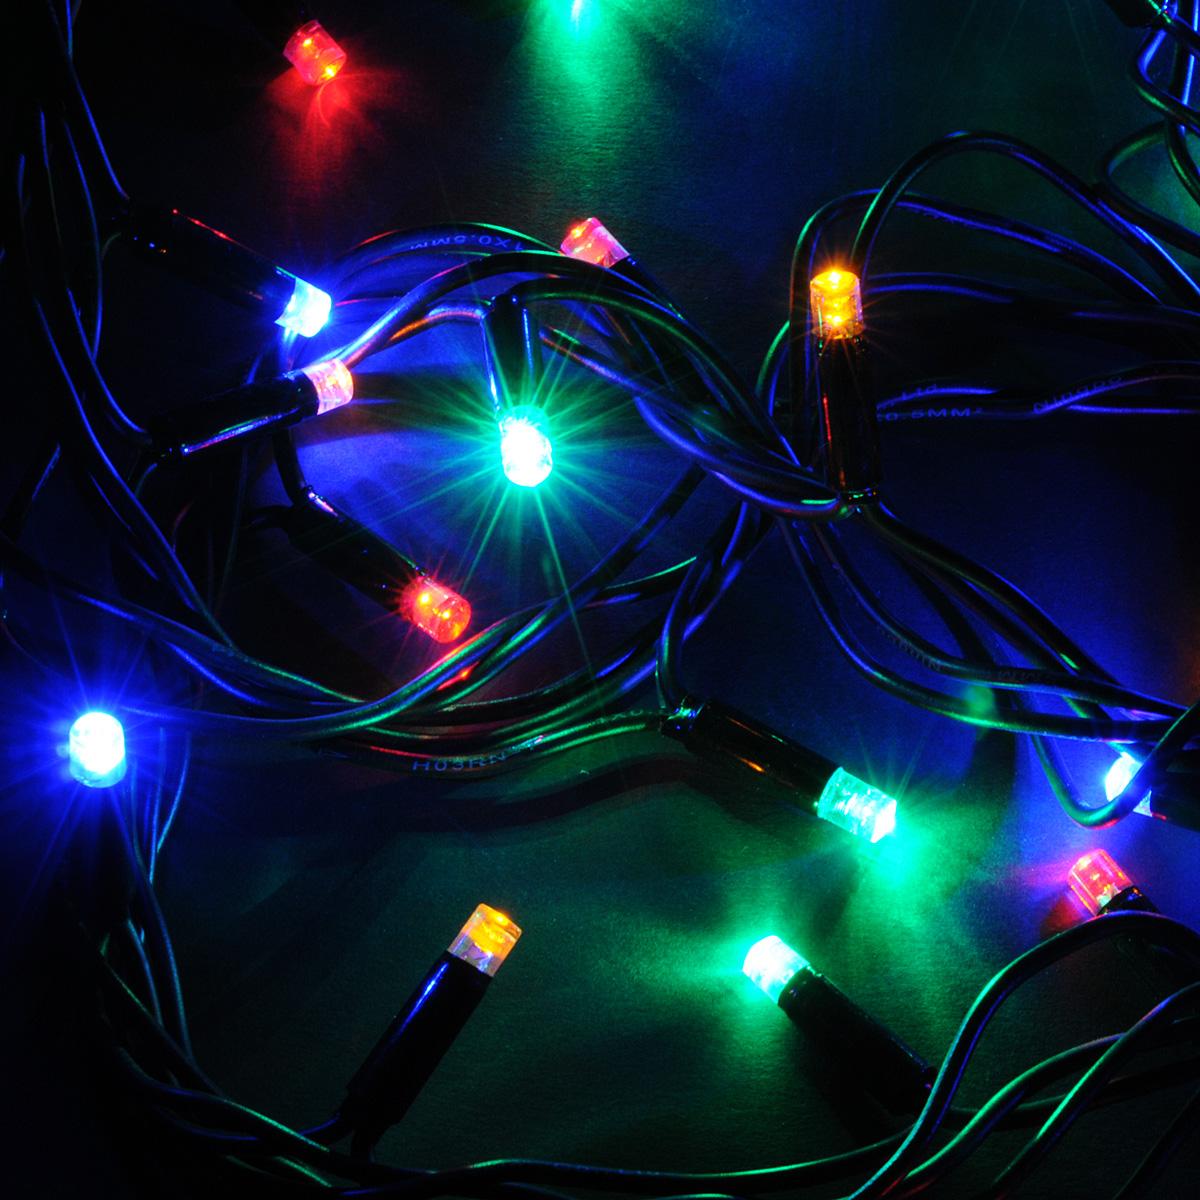 Гирлянда электрическая Lunten Ranta Легенда, 40 светодиодов, 4 м66418Гирлянда электрическая Lunten Ranta Легенда выполнена из пластика в оригинальном стиле с возможностью подключения до 10 сегментов. Такая гирлянда украсит ваш дом снаружи. Доступно 8 режимов мигания: - комбинированный - волна - последовательная смена режимов - плавное затухание; - мелькание/вспышки - медленное поочередное затухание - мерцание/вспышка - постоянный). Оригинальный дизайн и красочное исполнение создадут праздничное настроение. Откройте для себя удивительный мир сказок и грез. Почувствуйте волшебные минуты ожидания праздника, создайте новогоднее настроение вашим дорогим и близким. Работает от сети 220В.